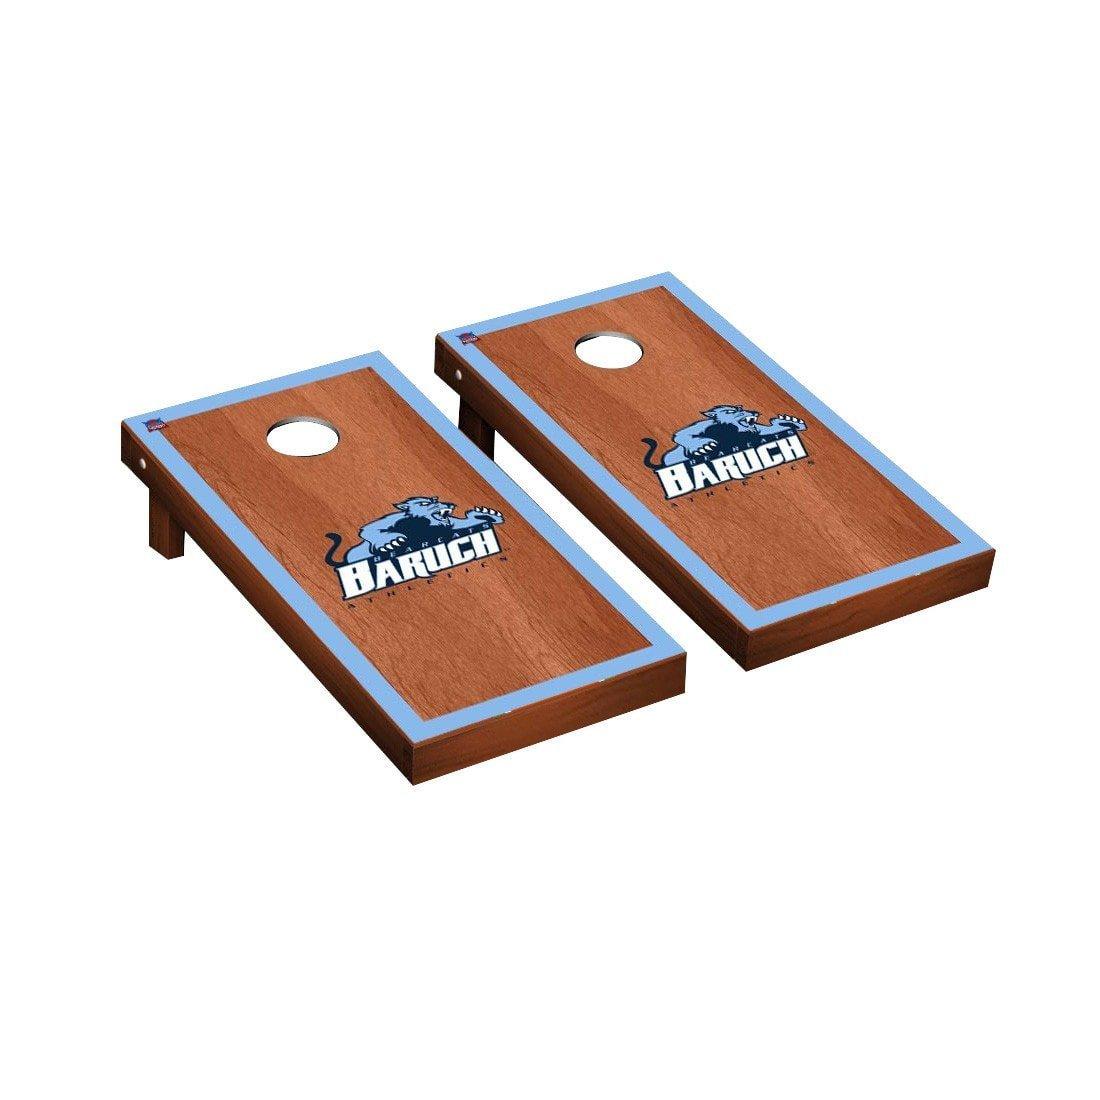 交換無料! Baruch College Bearcats Cornhole Cornhole Baruch Game Set B0178MPWZK ローズウッド染色ボーダーバージョン College ローズウッド染色ボーダーバージョン, 【在庫限り】:4b61ec3f --- arianechie.dominiotemporario.com